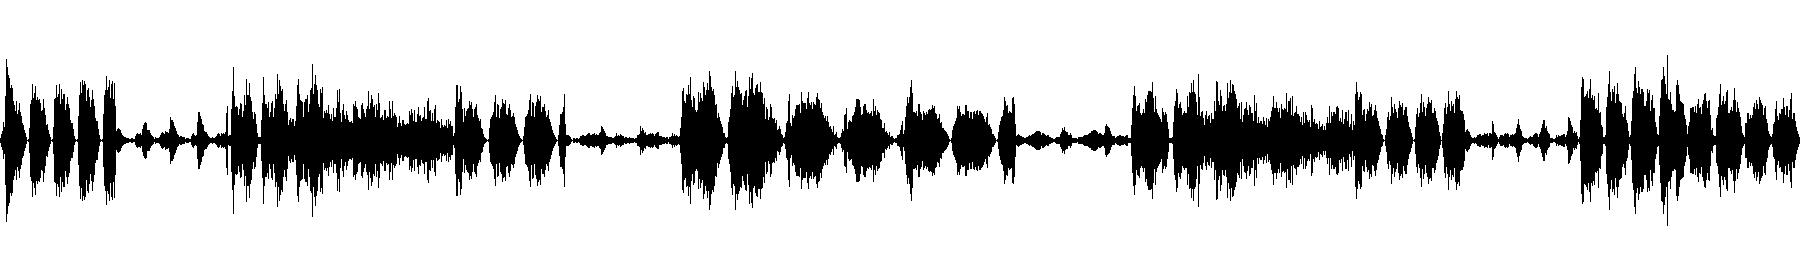 sr3 effect loop 70